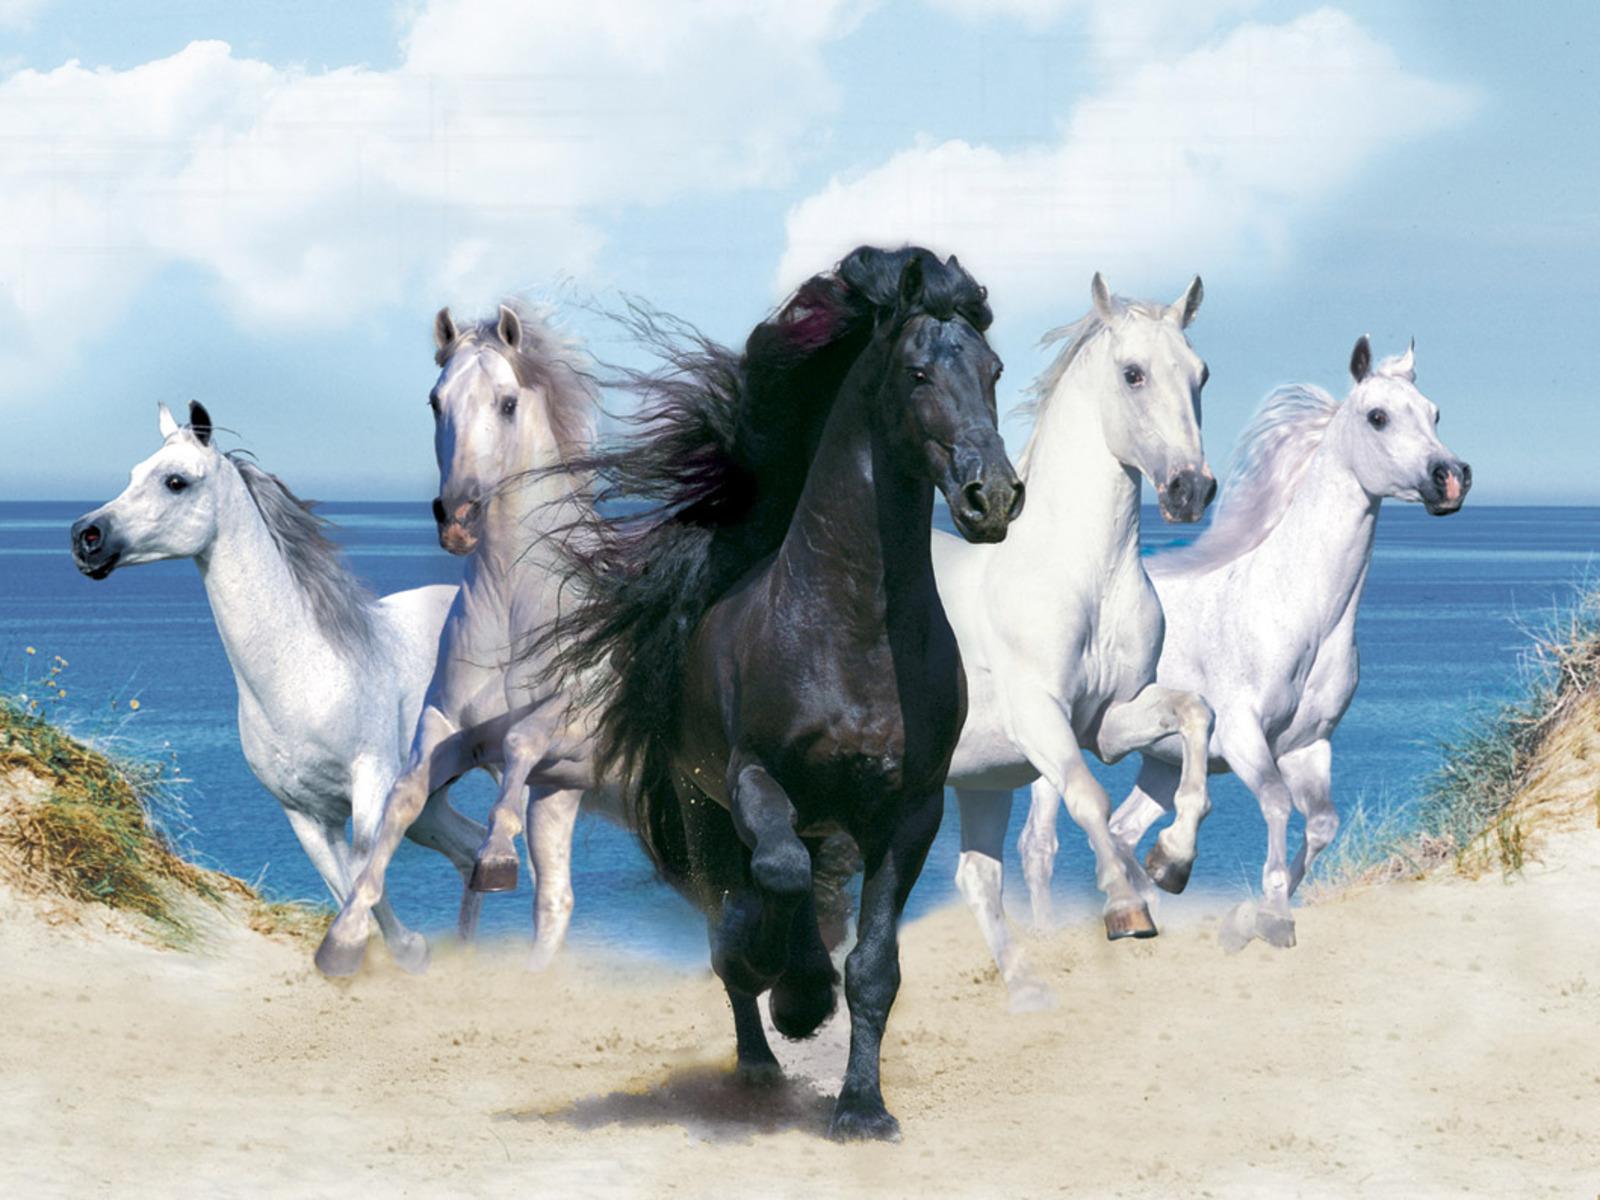 pics of horses